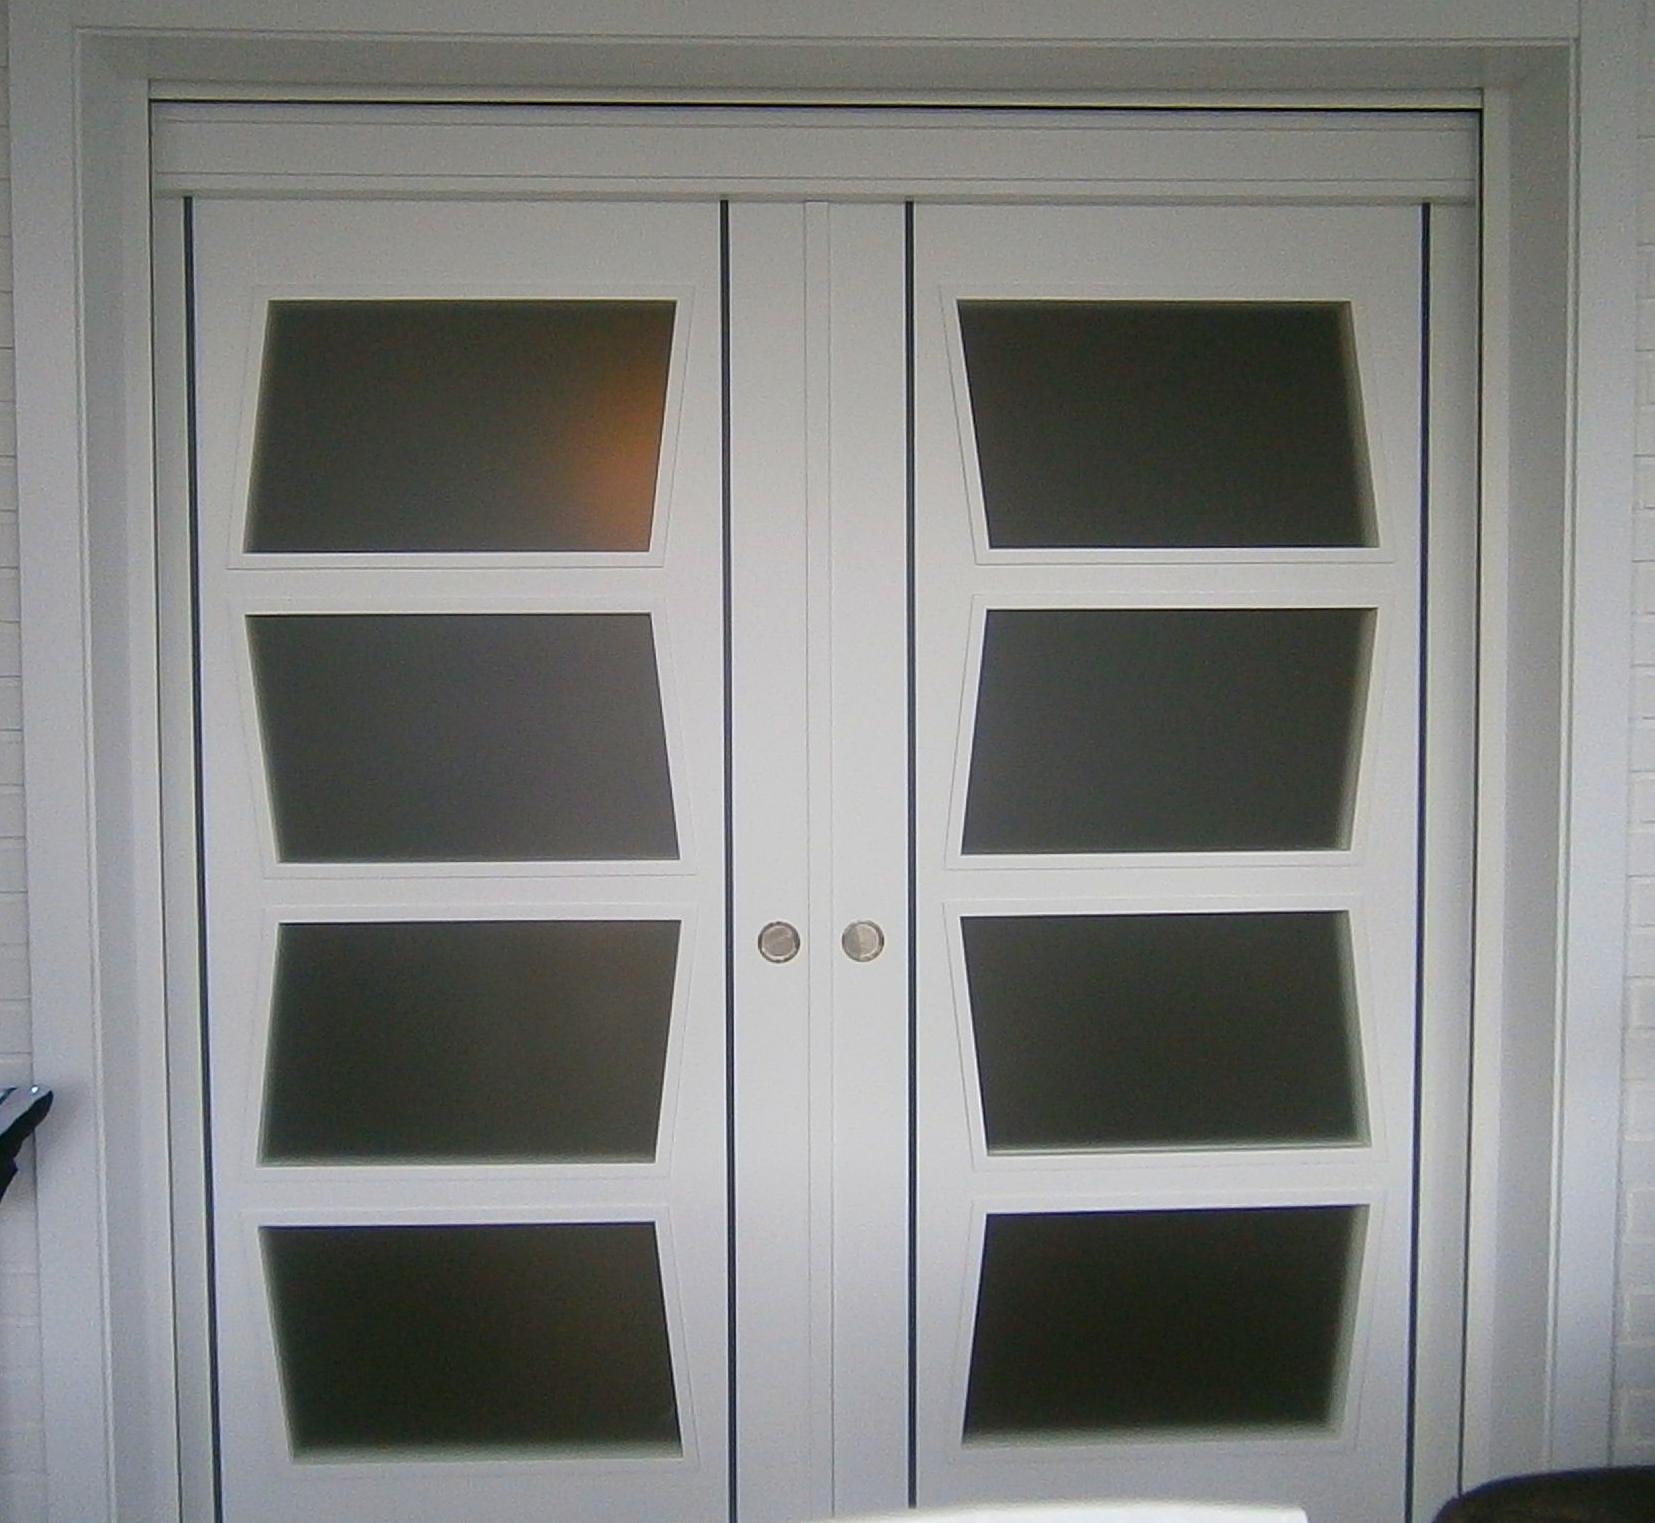 Puerta de interior doble , lacada en blanco con greca negra .